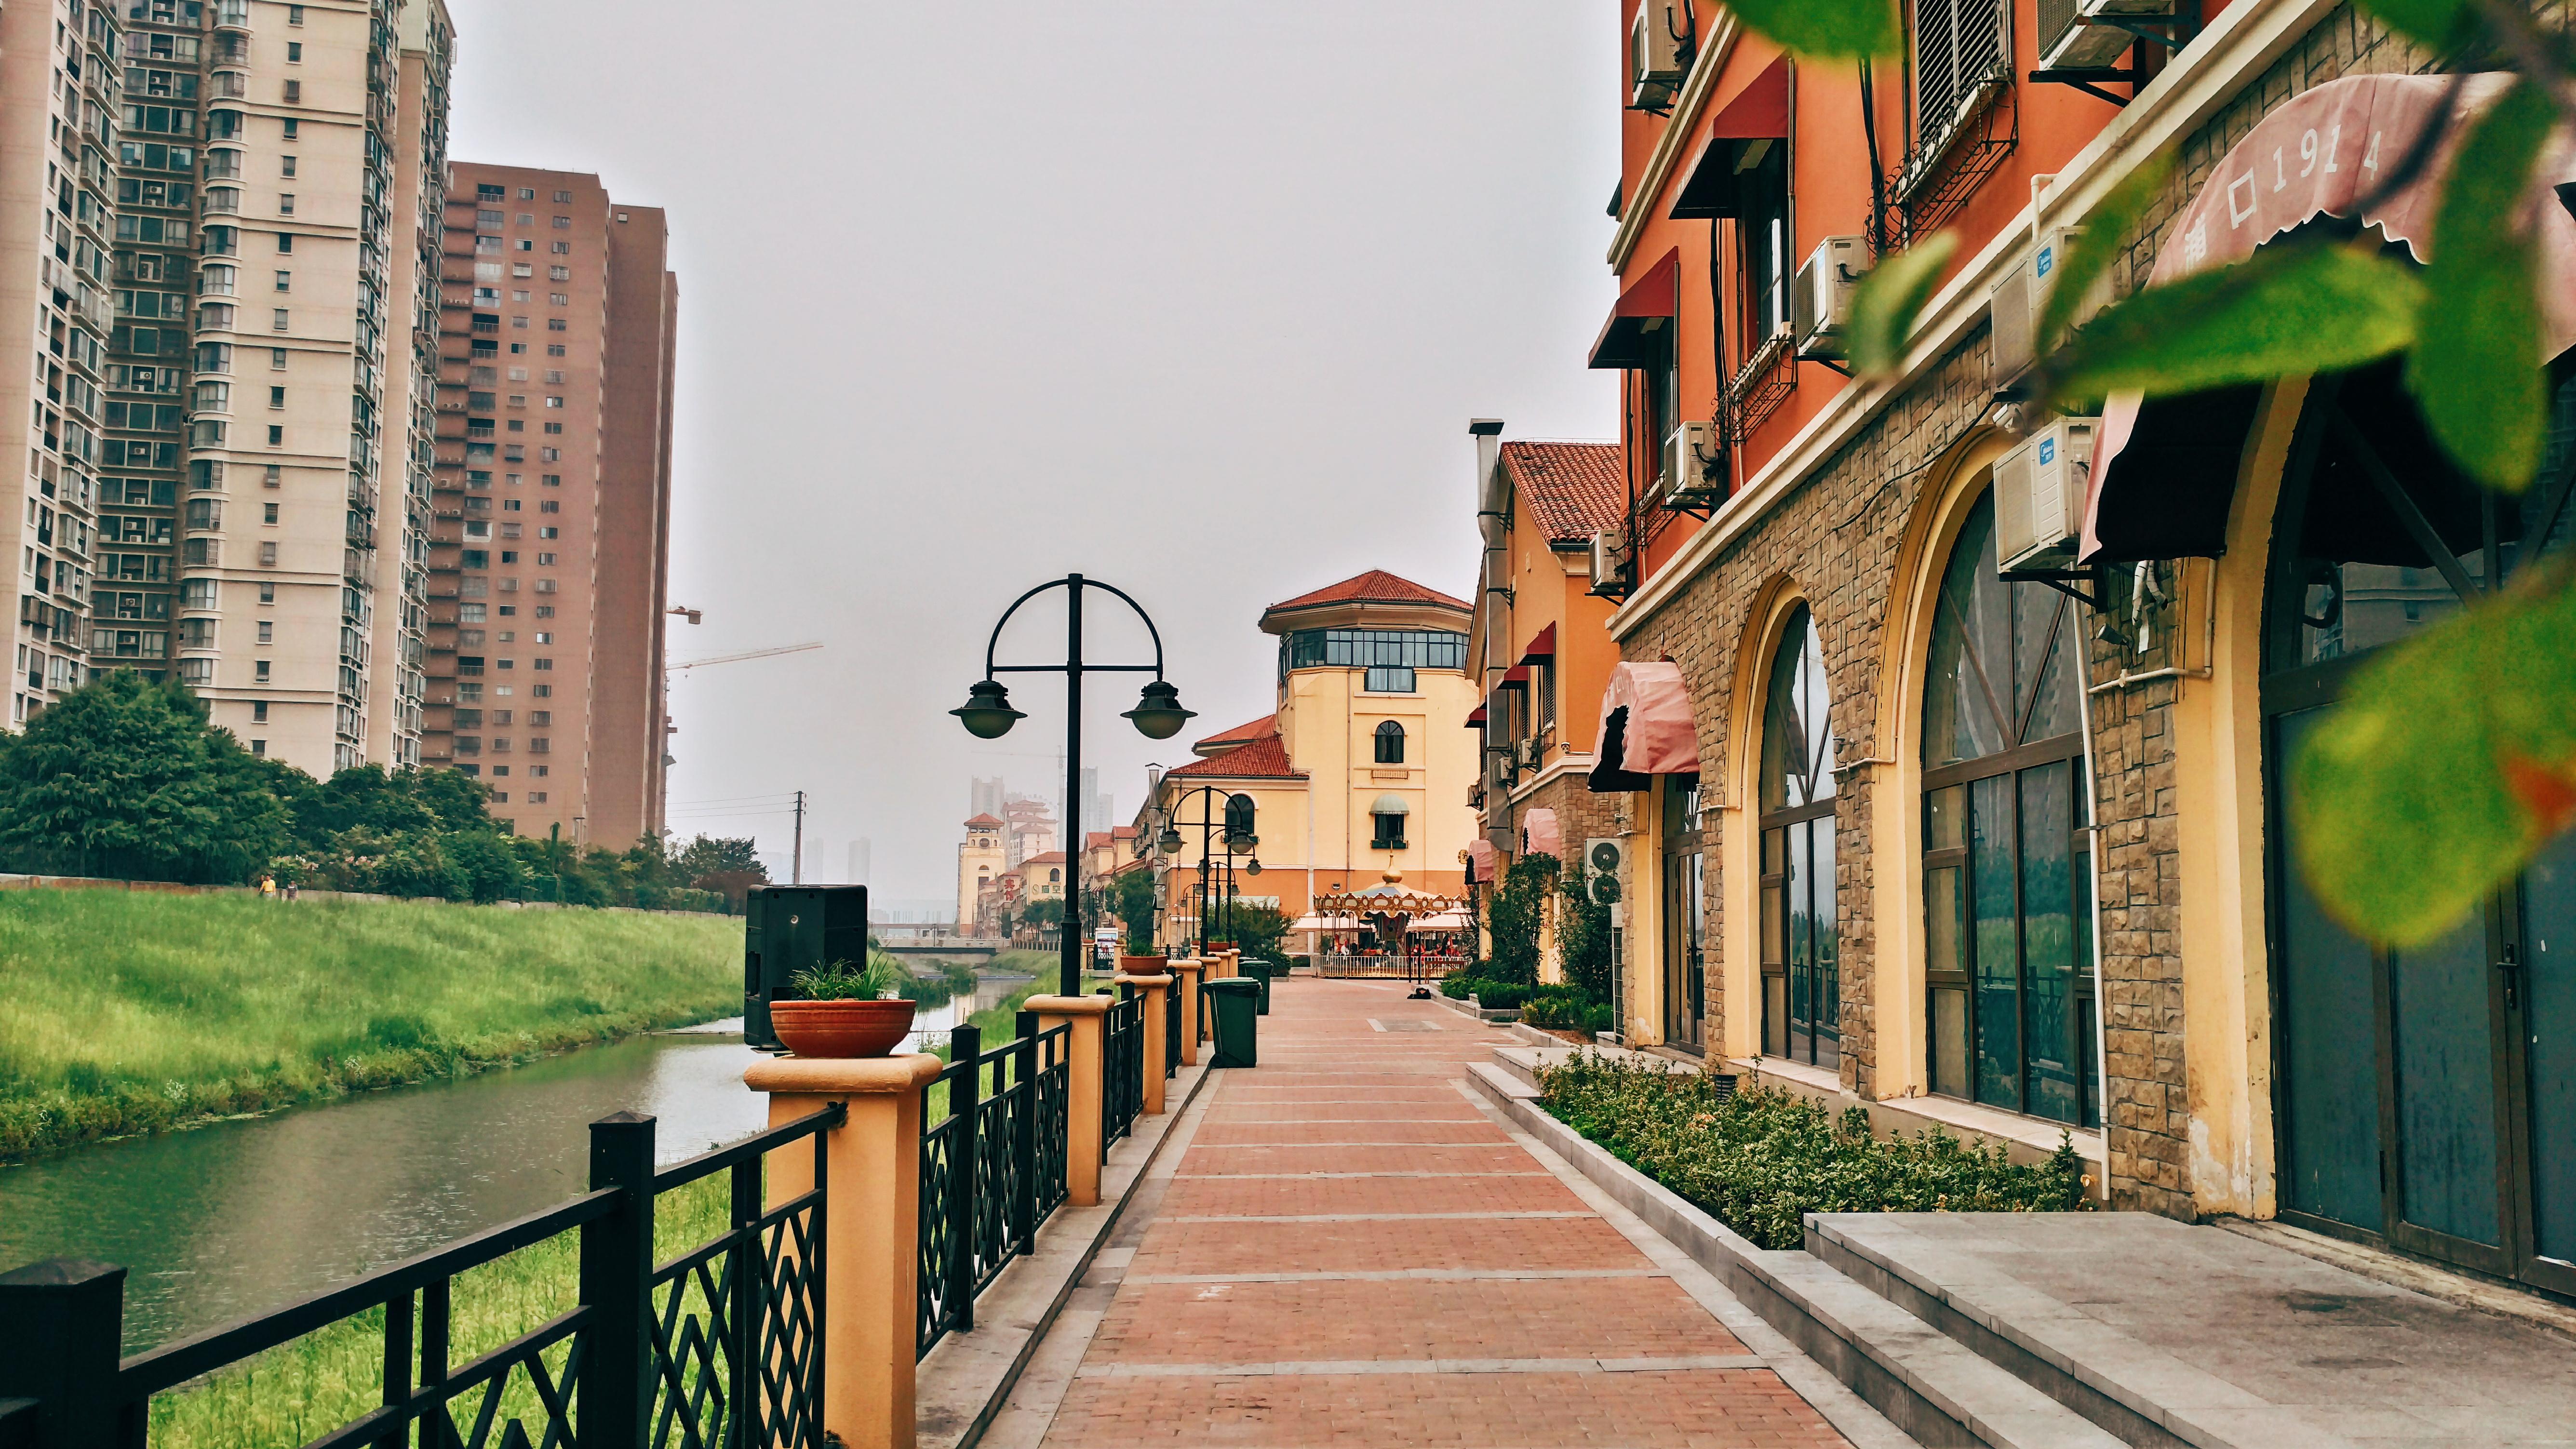 在这条复古欧式的建筑风格的街道上散步